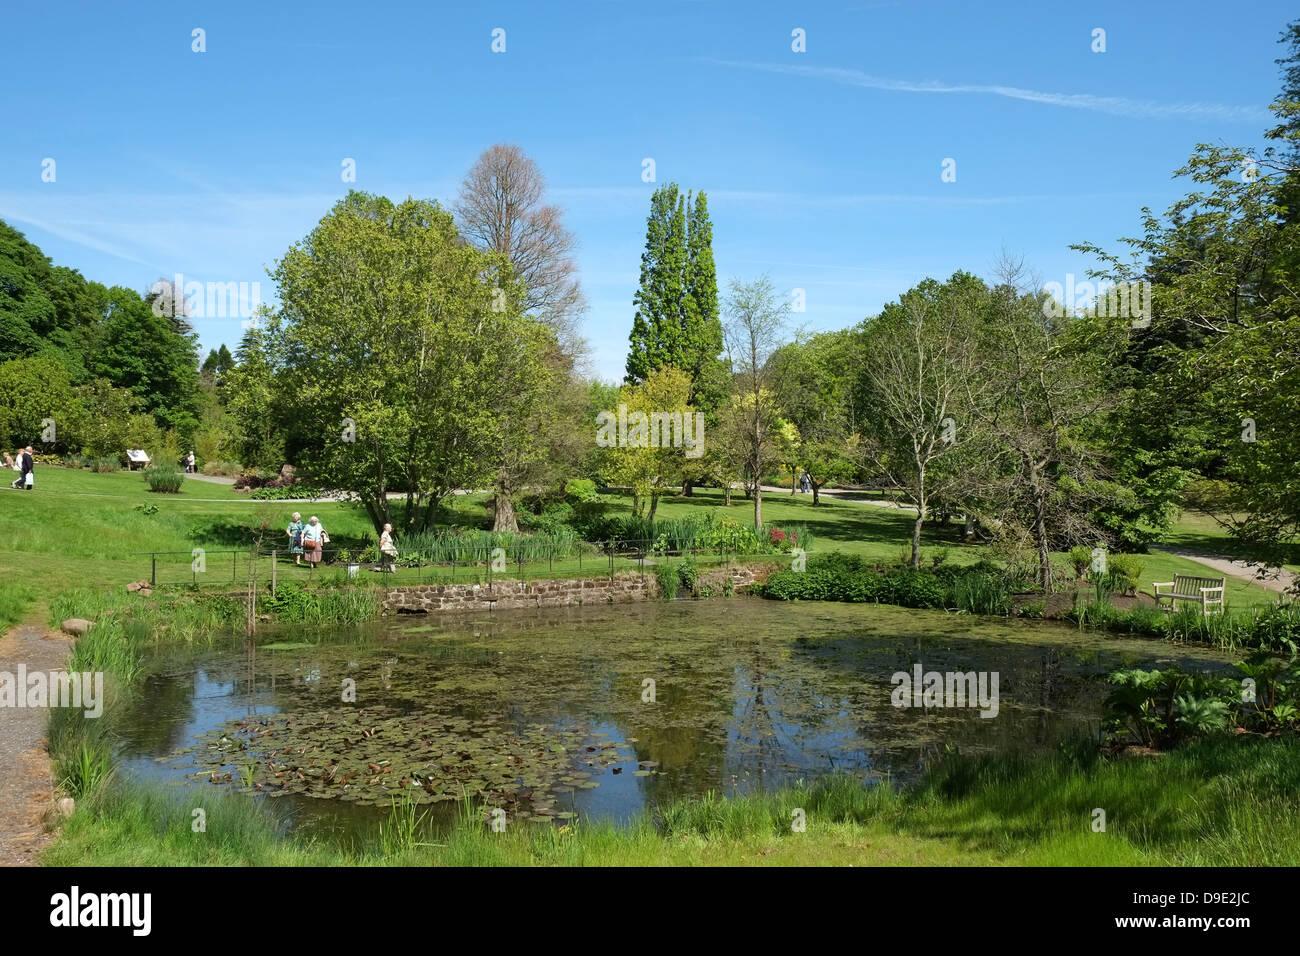 uk cheshire ness botanic gardens stock photo royalty free image 57472420 alamy